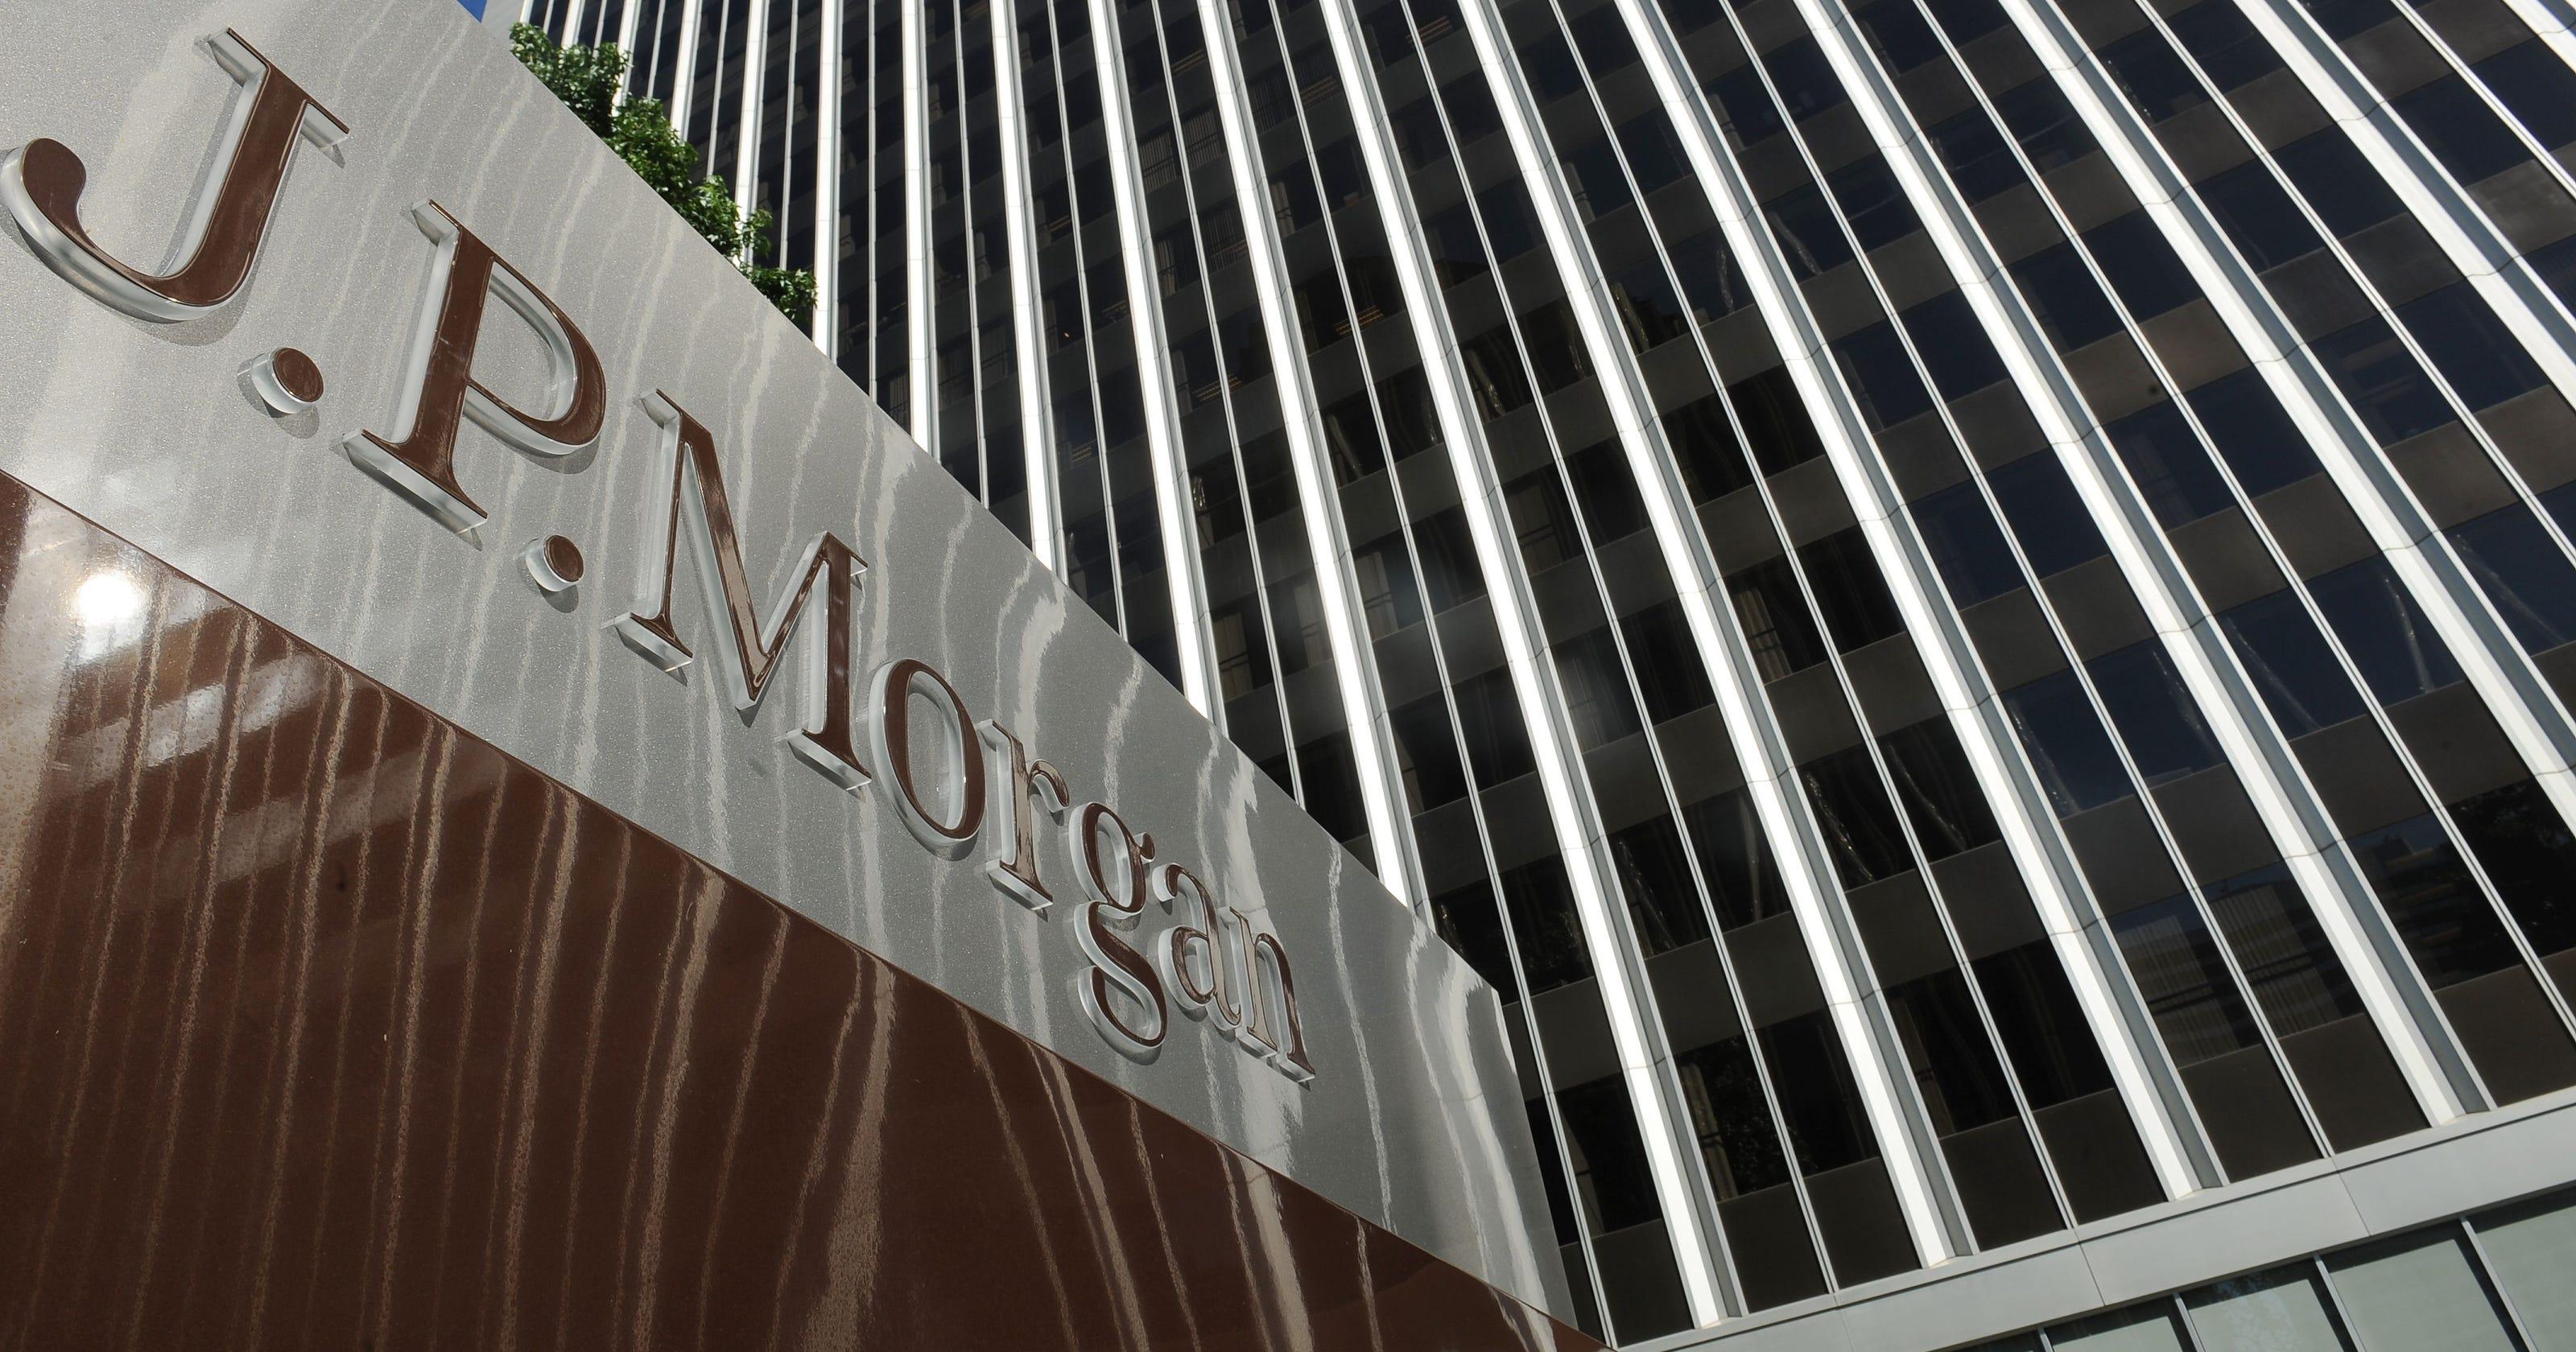 JPMorgan to cut 8,000 jobs